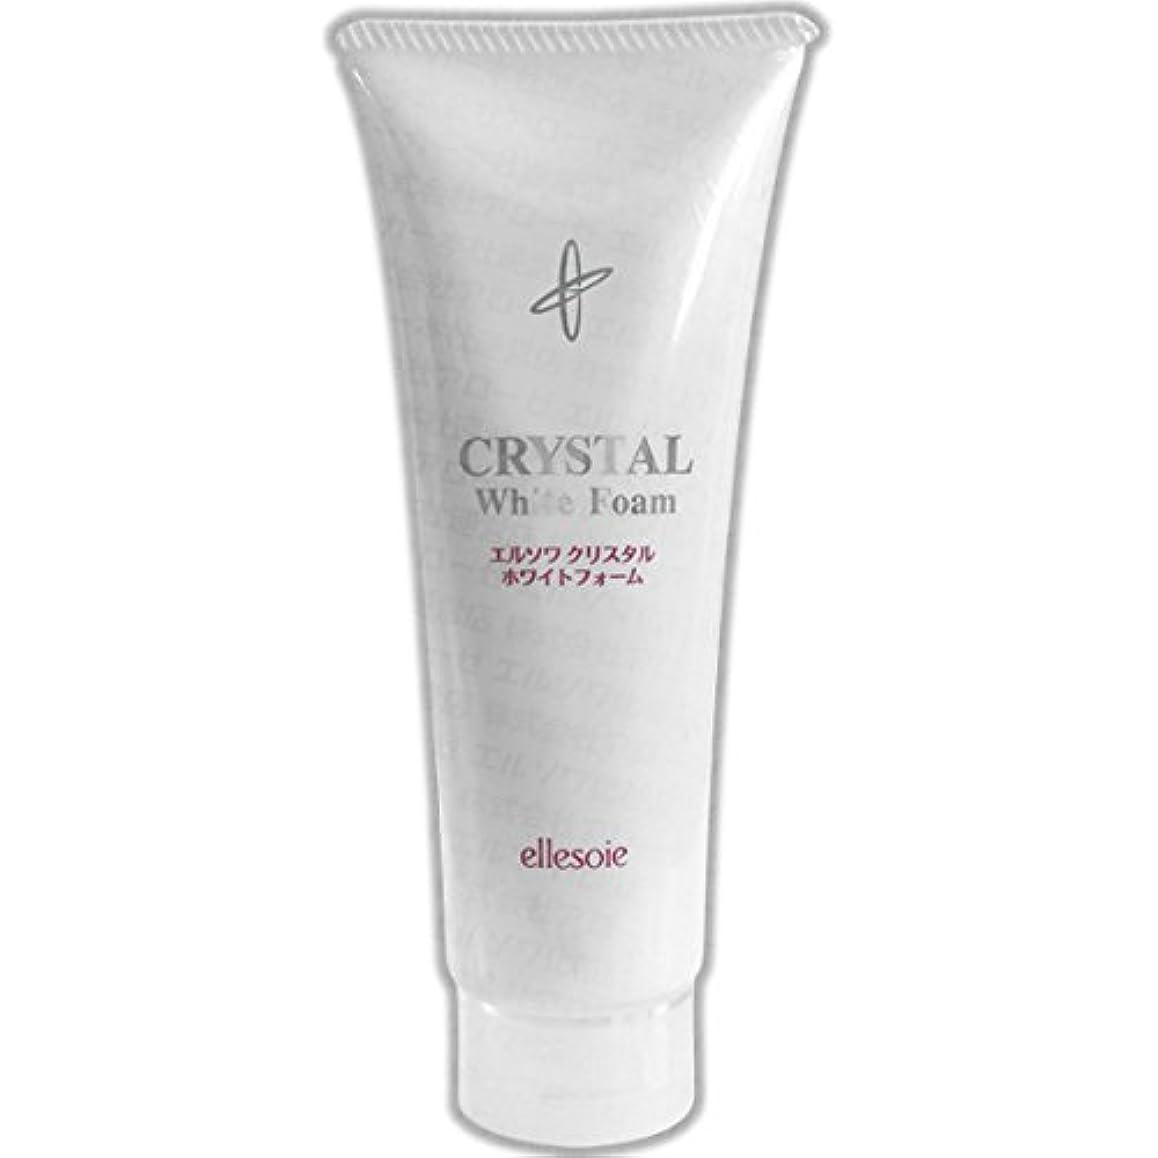 フラフープルーフしなやかエルソワ化粧品(ellesoie) クリスタル ホワイトフォーム 洗顔